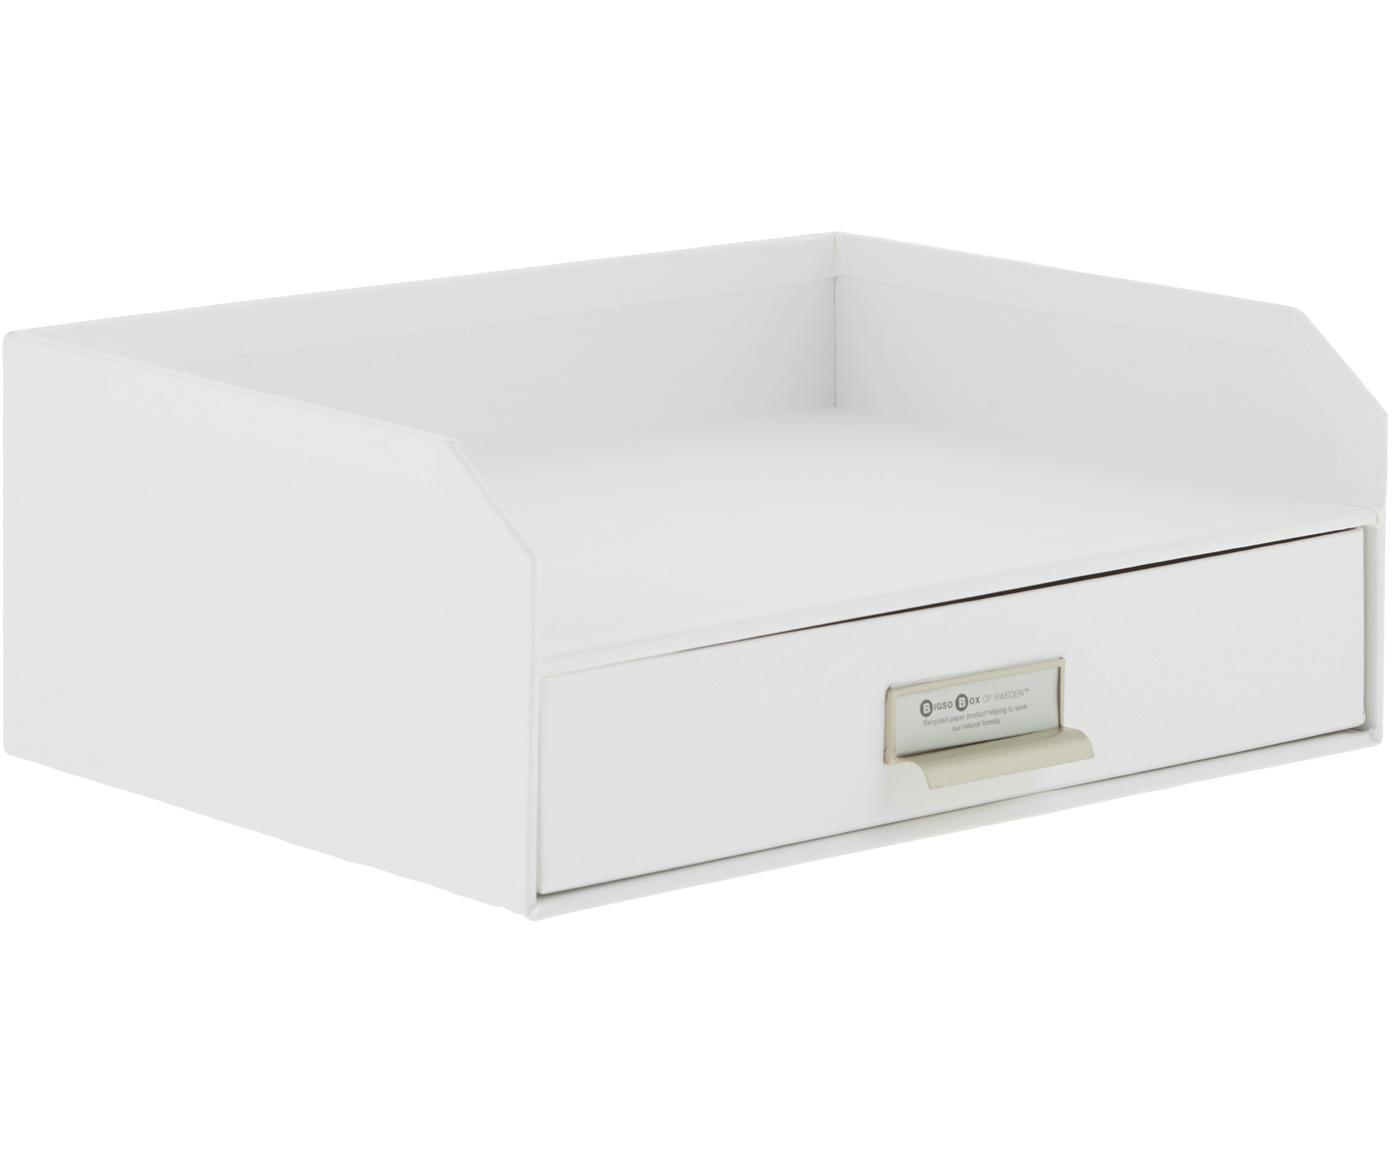 Organizador de escritorioWalter, Organizador: cartón laminado, Blanco, An 33 x Al 13 cm